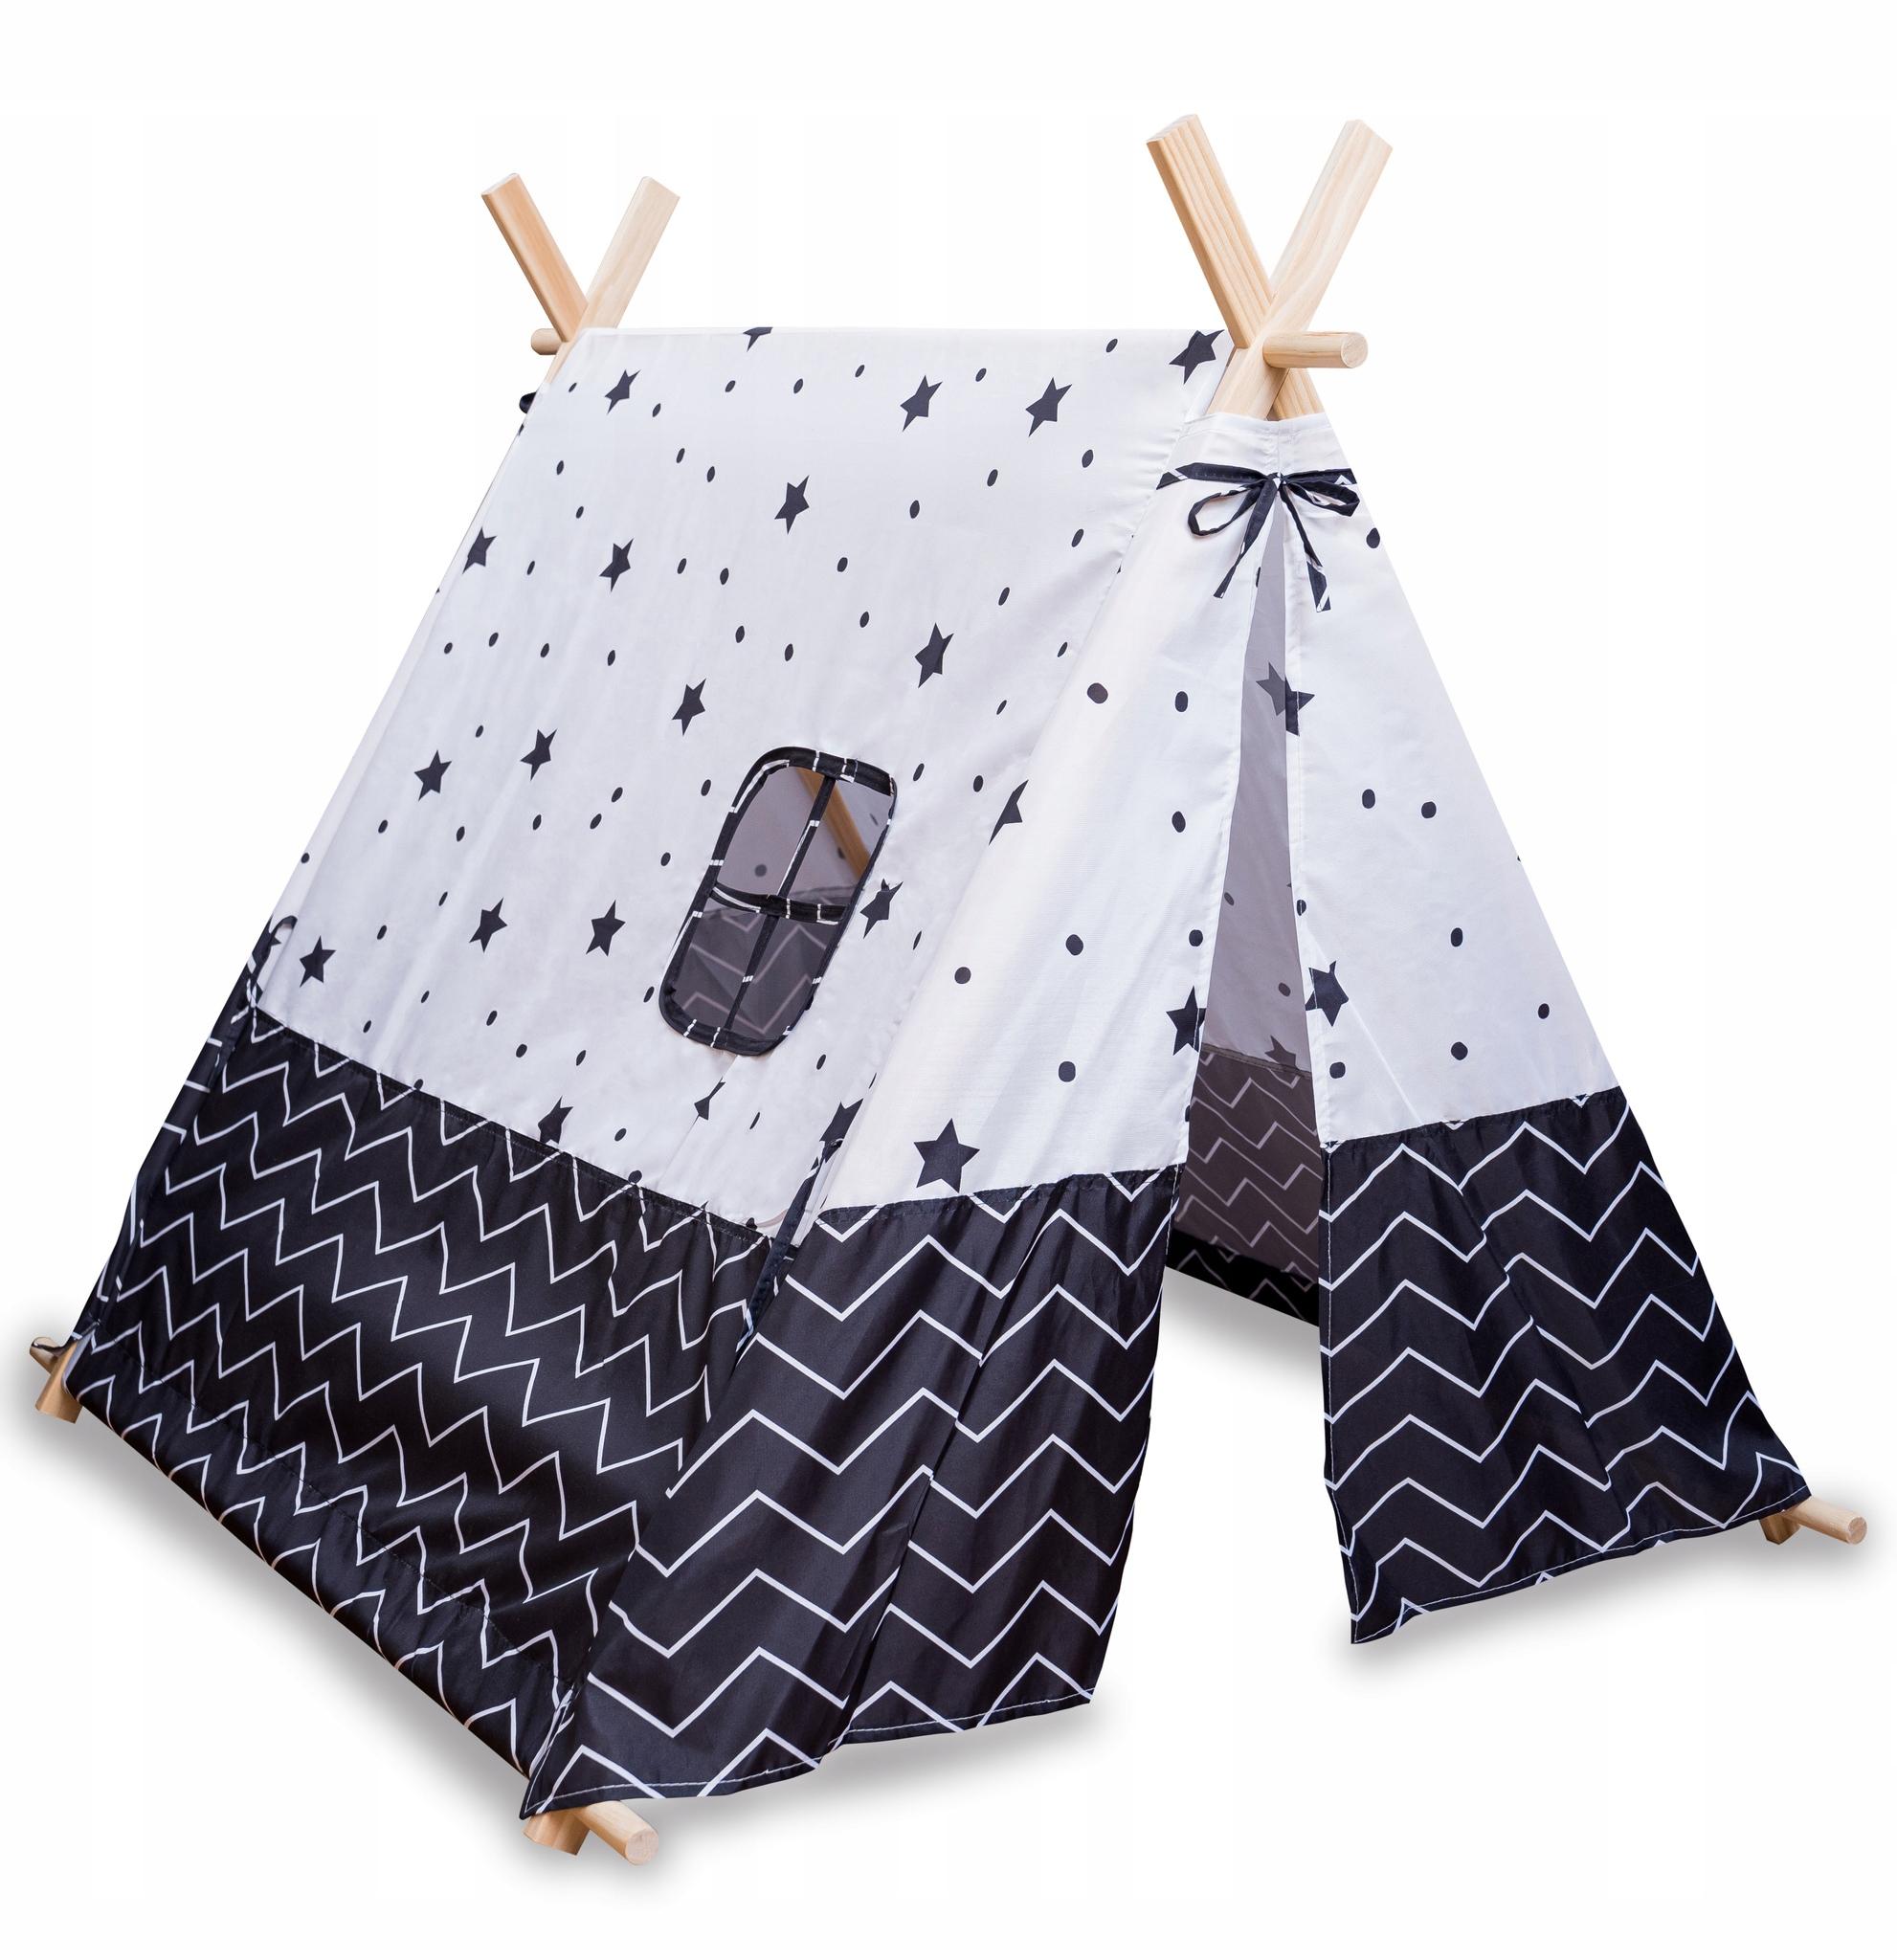 LARGE TIPI Детская палатка, Вигвам, Типи Хлопок